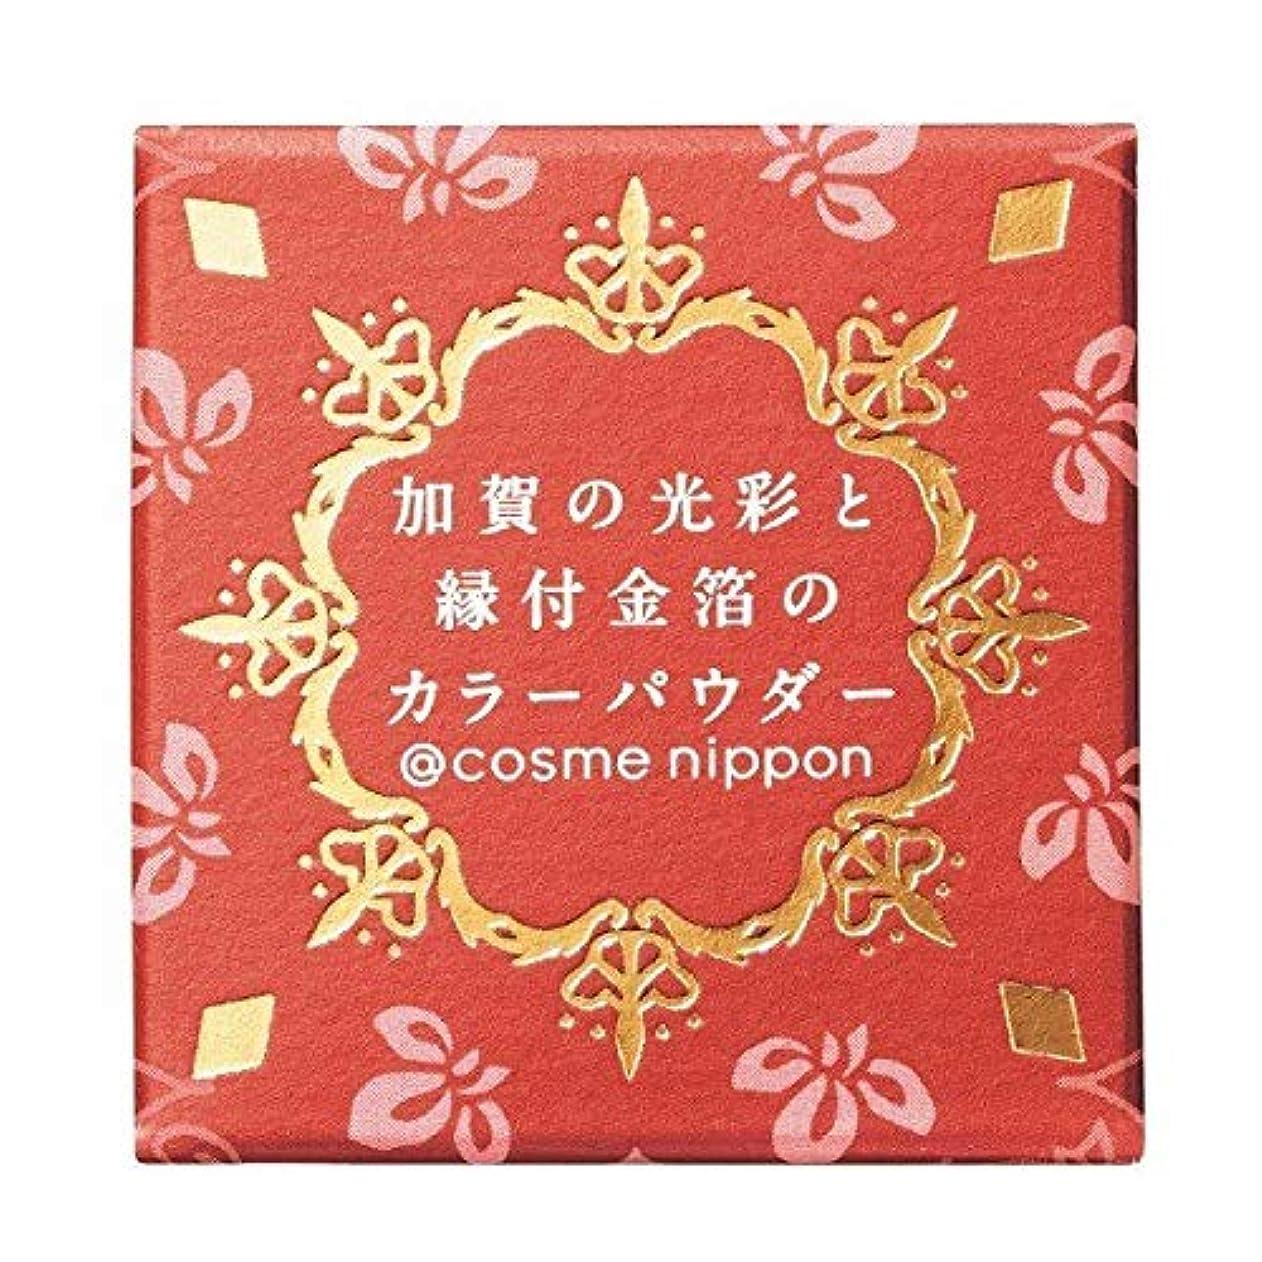 演じる希望に満ちたパドル友禅工芸 すずらん加賀の光彩と縁付け金箔のカラーパウダー08茜あかね